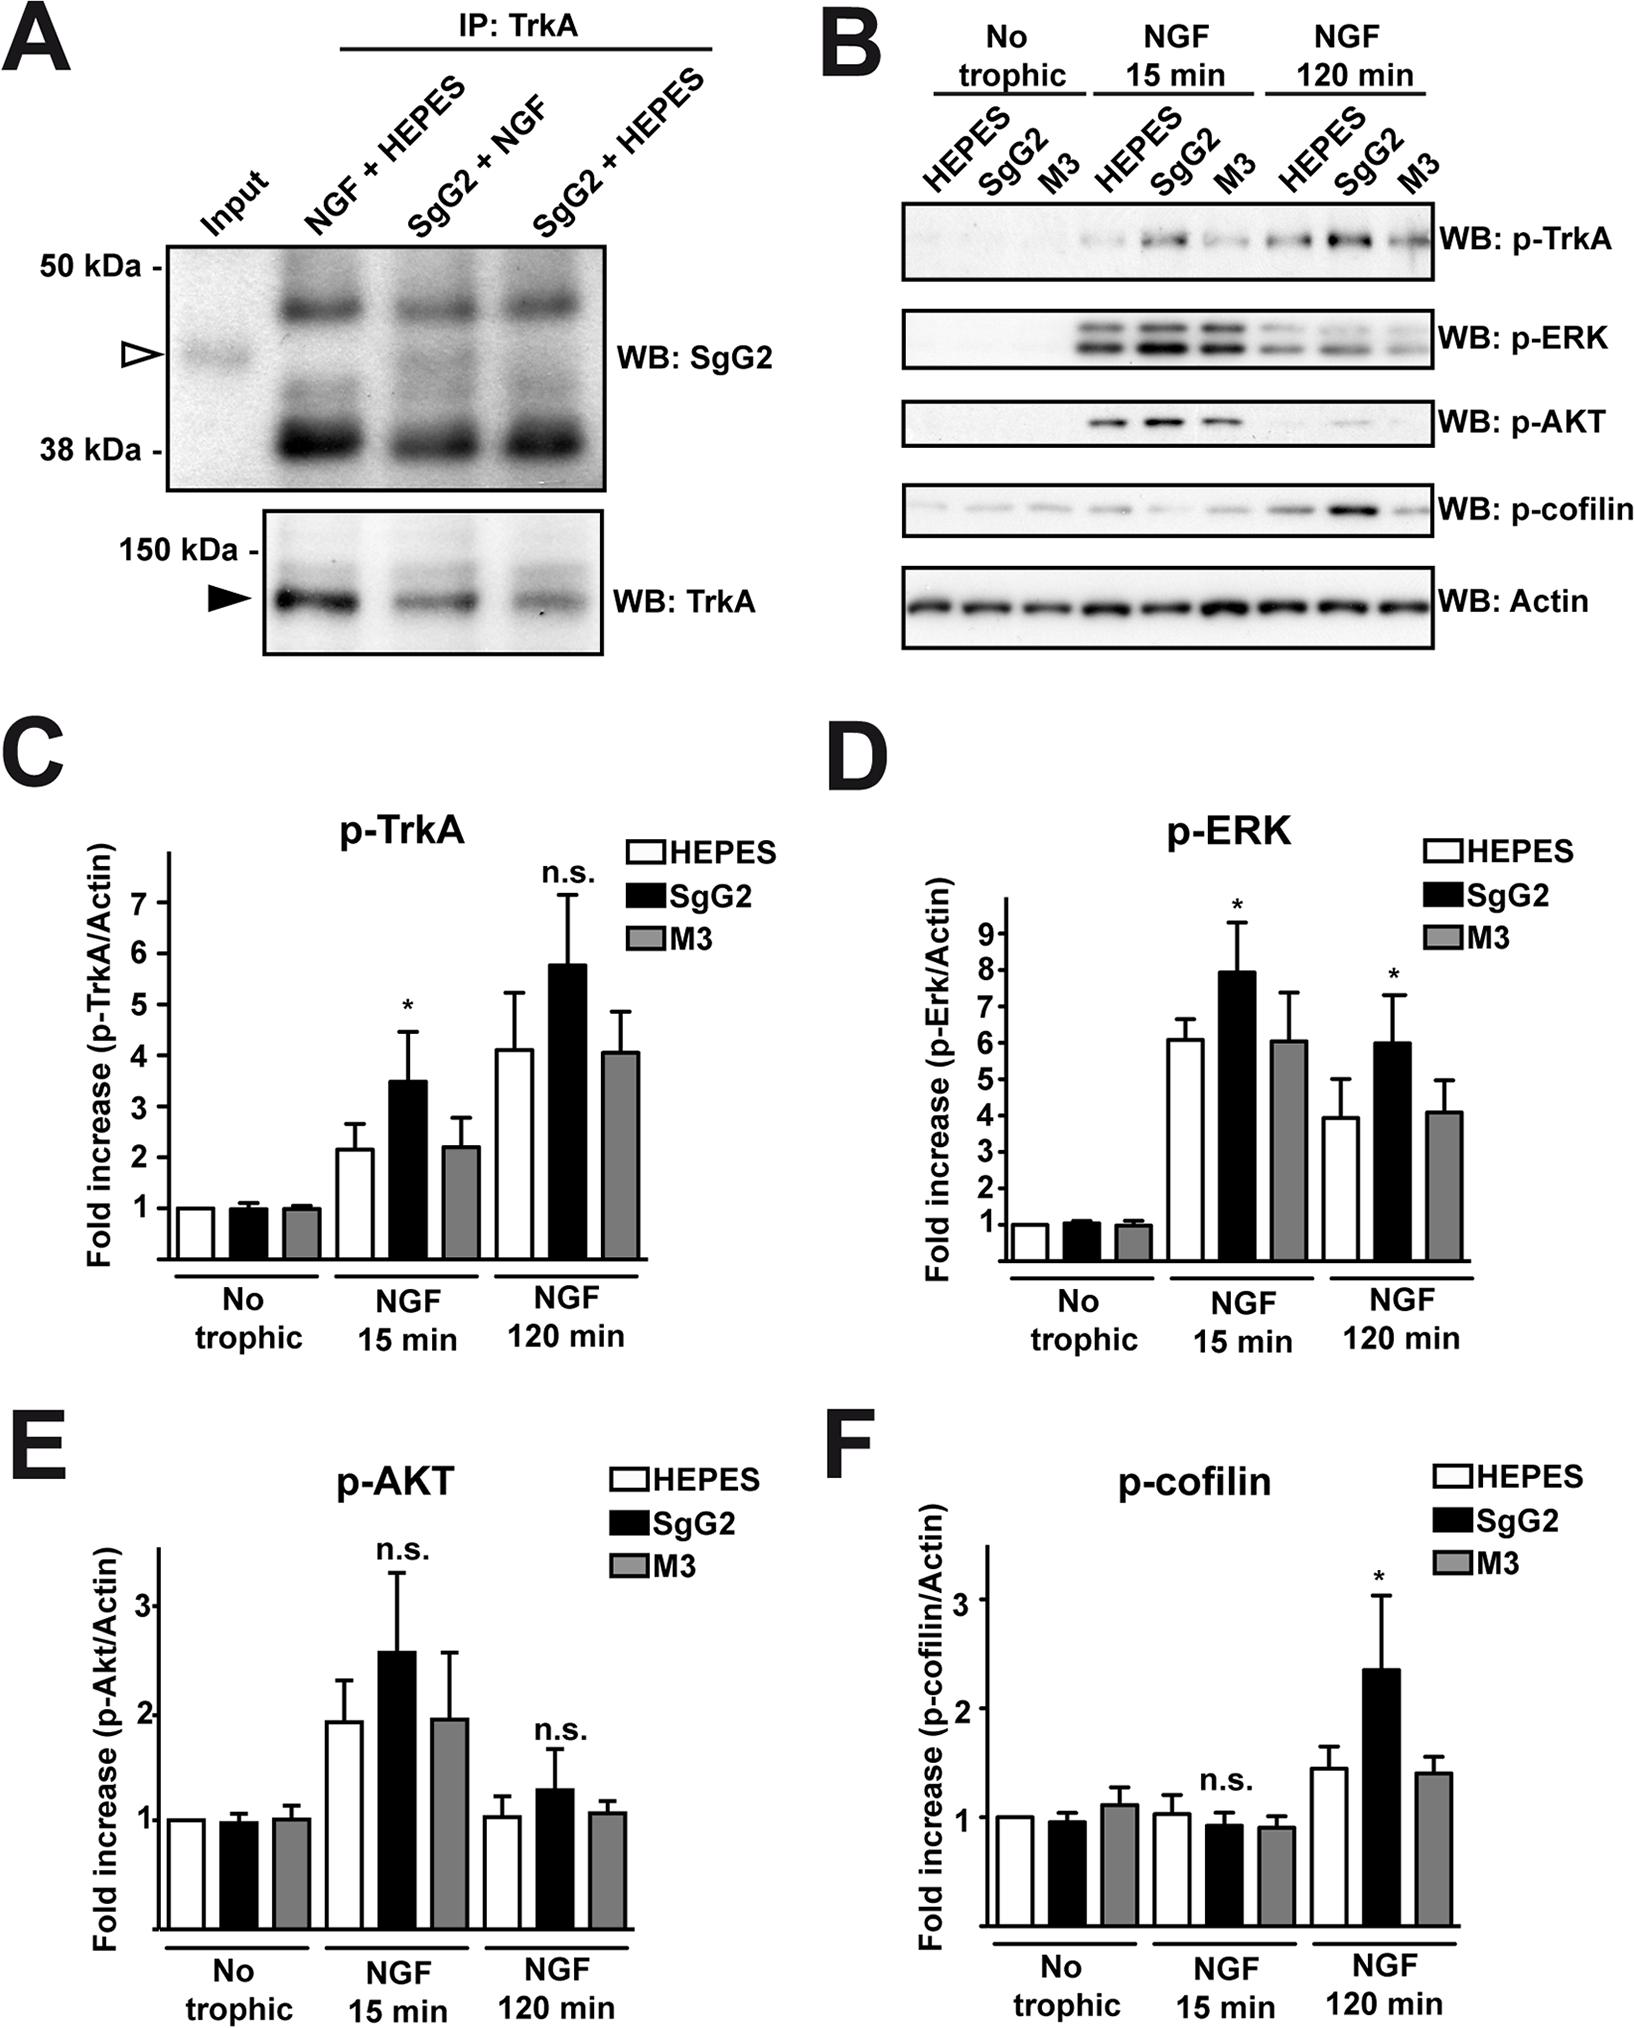 SgG2 modifies NGF-TrkA signaling.